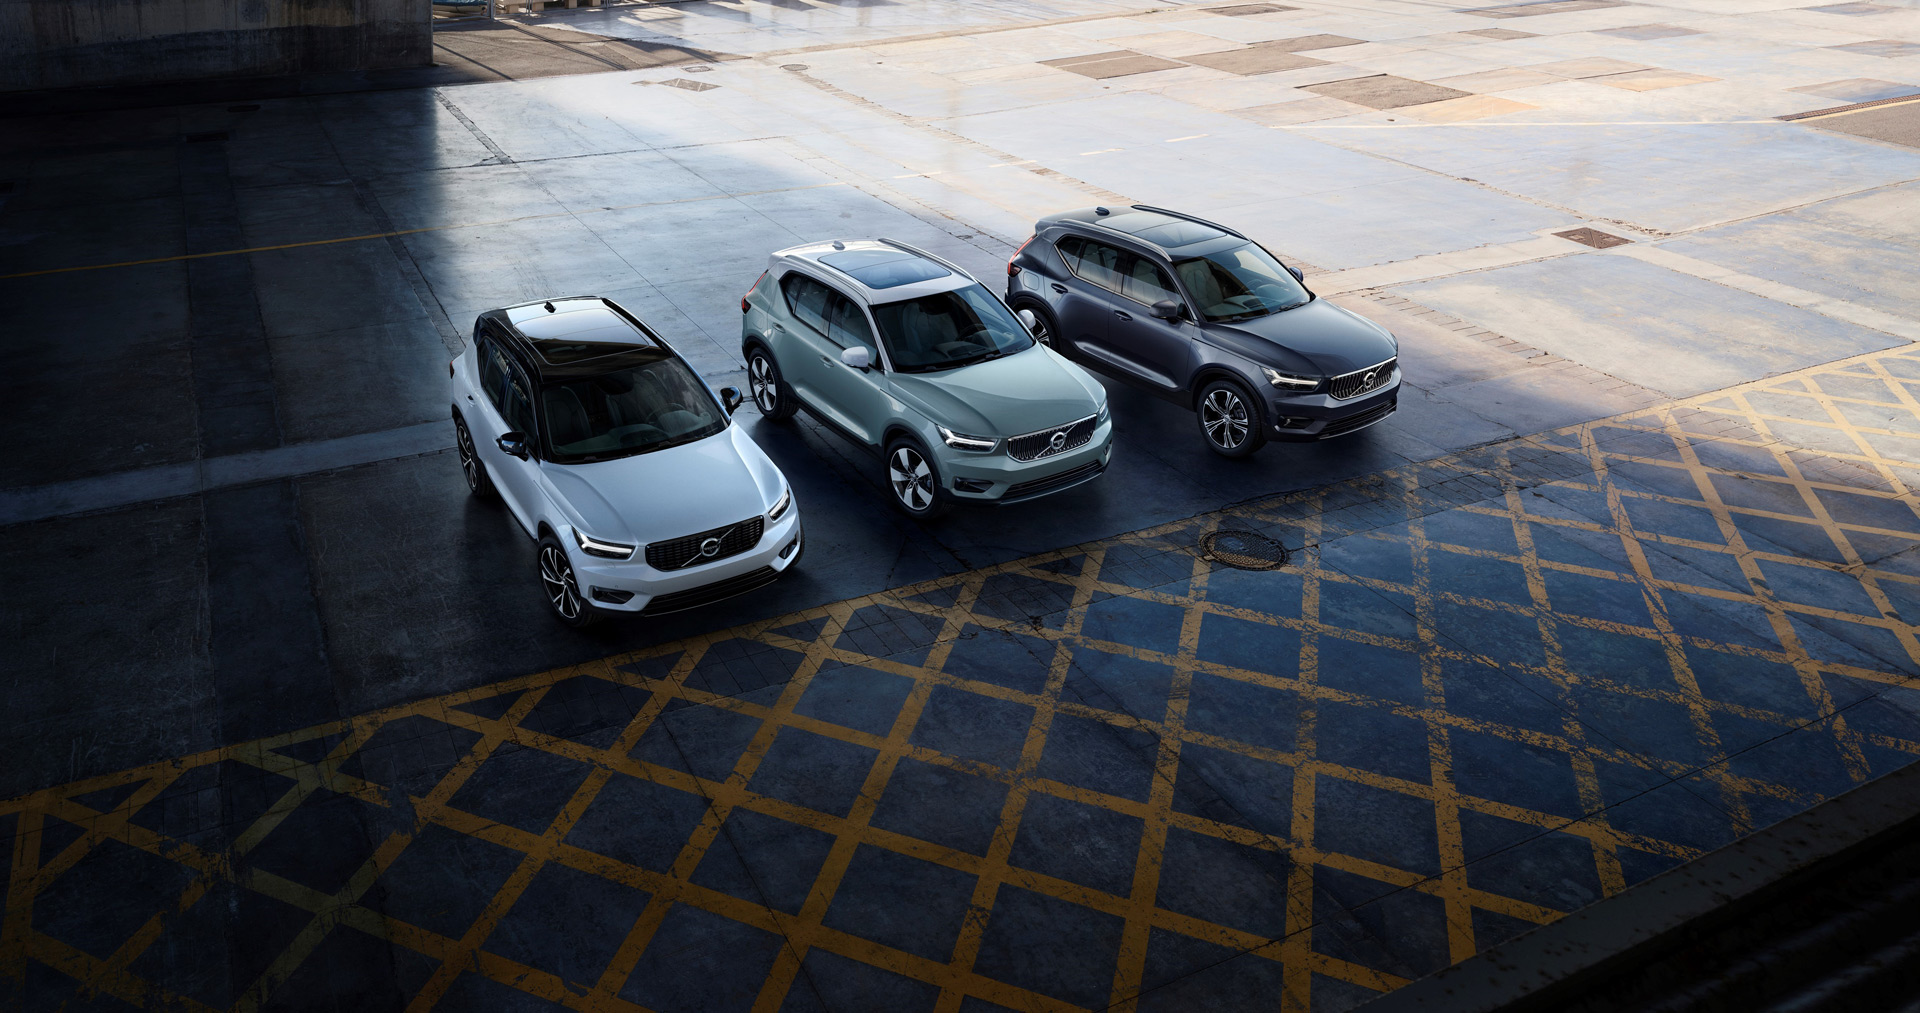 Volvo Cars сообщает о рекордном объёме операционной прибыли в размере 4,2 млрд шведских крон за второй квартал 2018 года